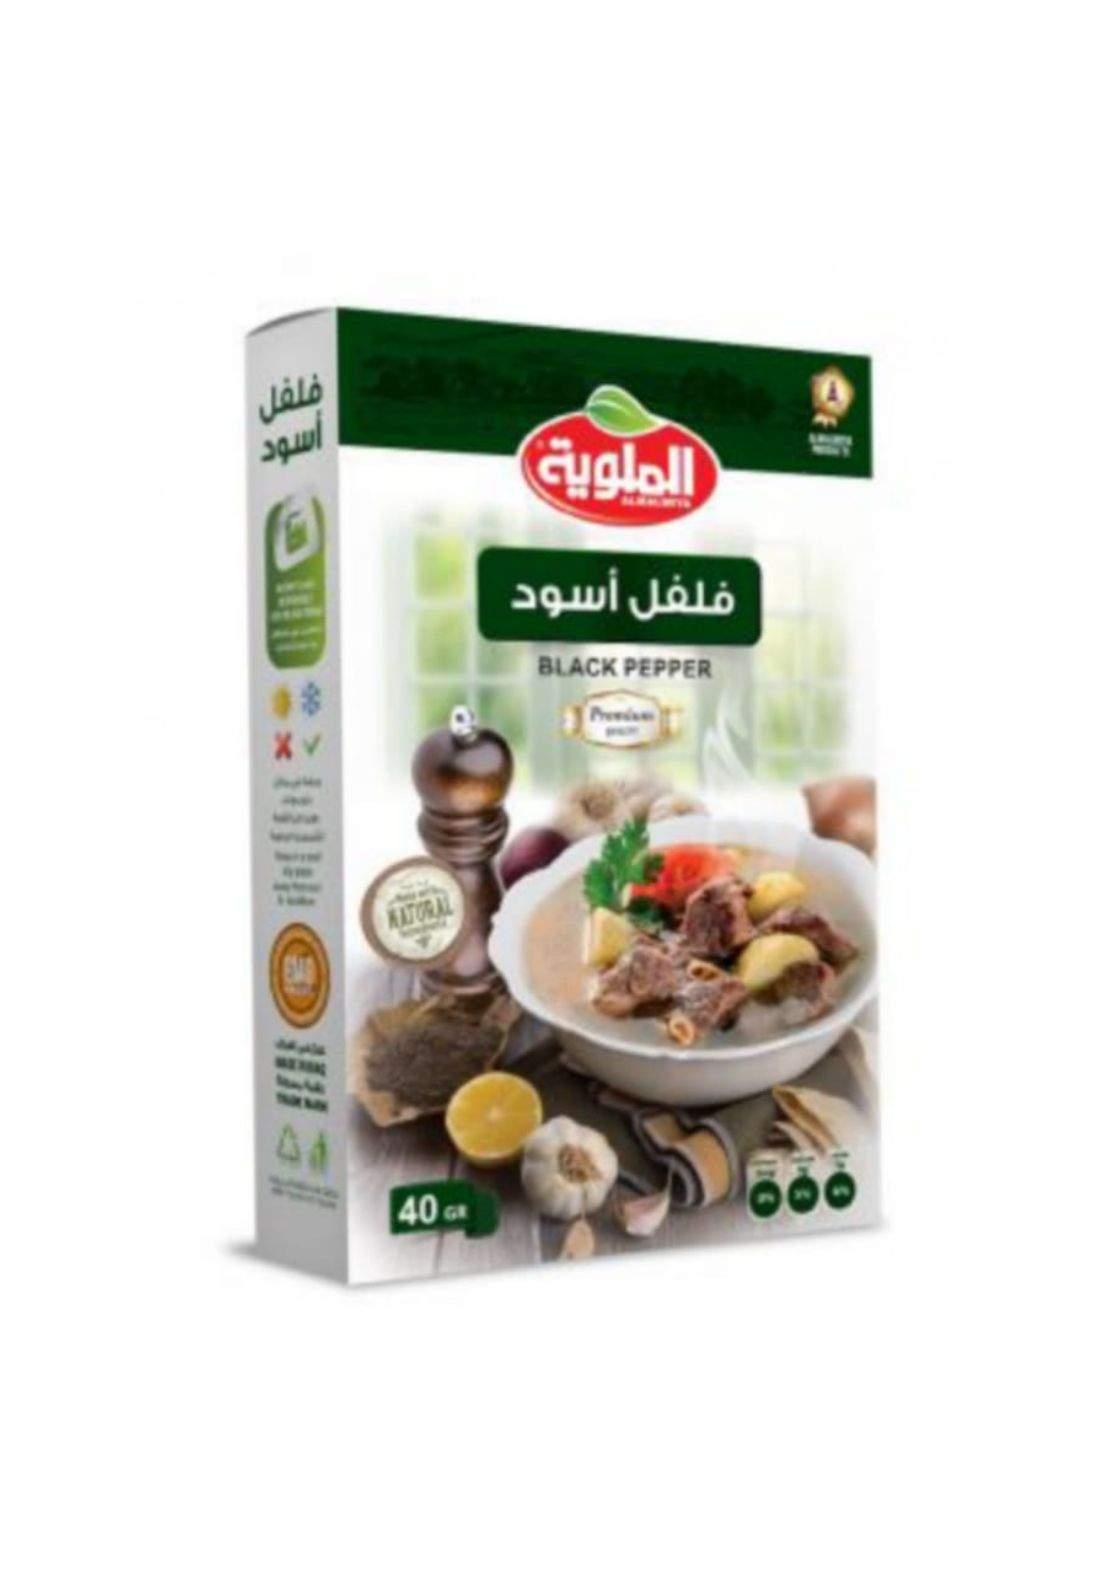 Al-Malwiya Black Pepper الملوية فلفل اسود